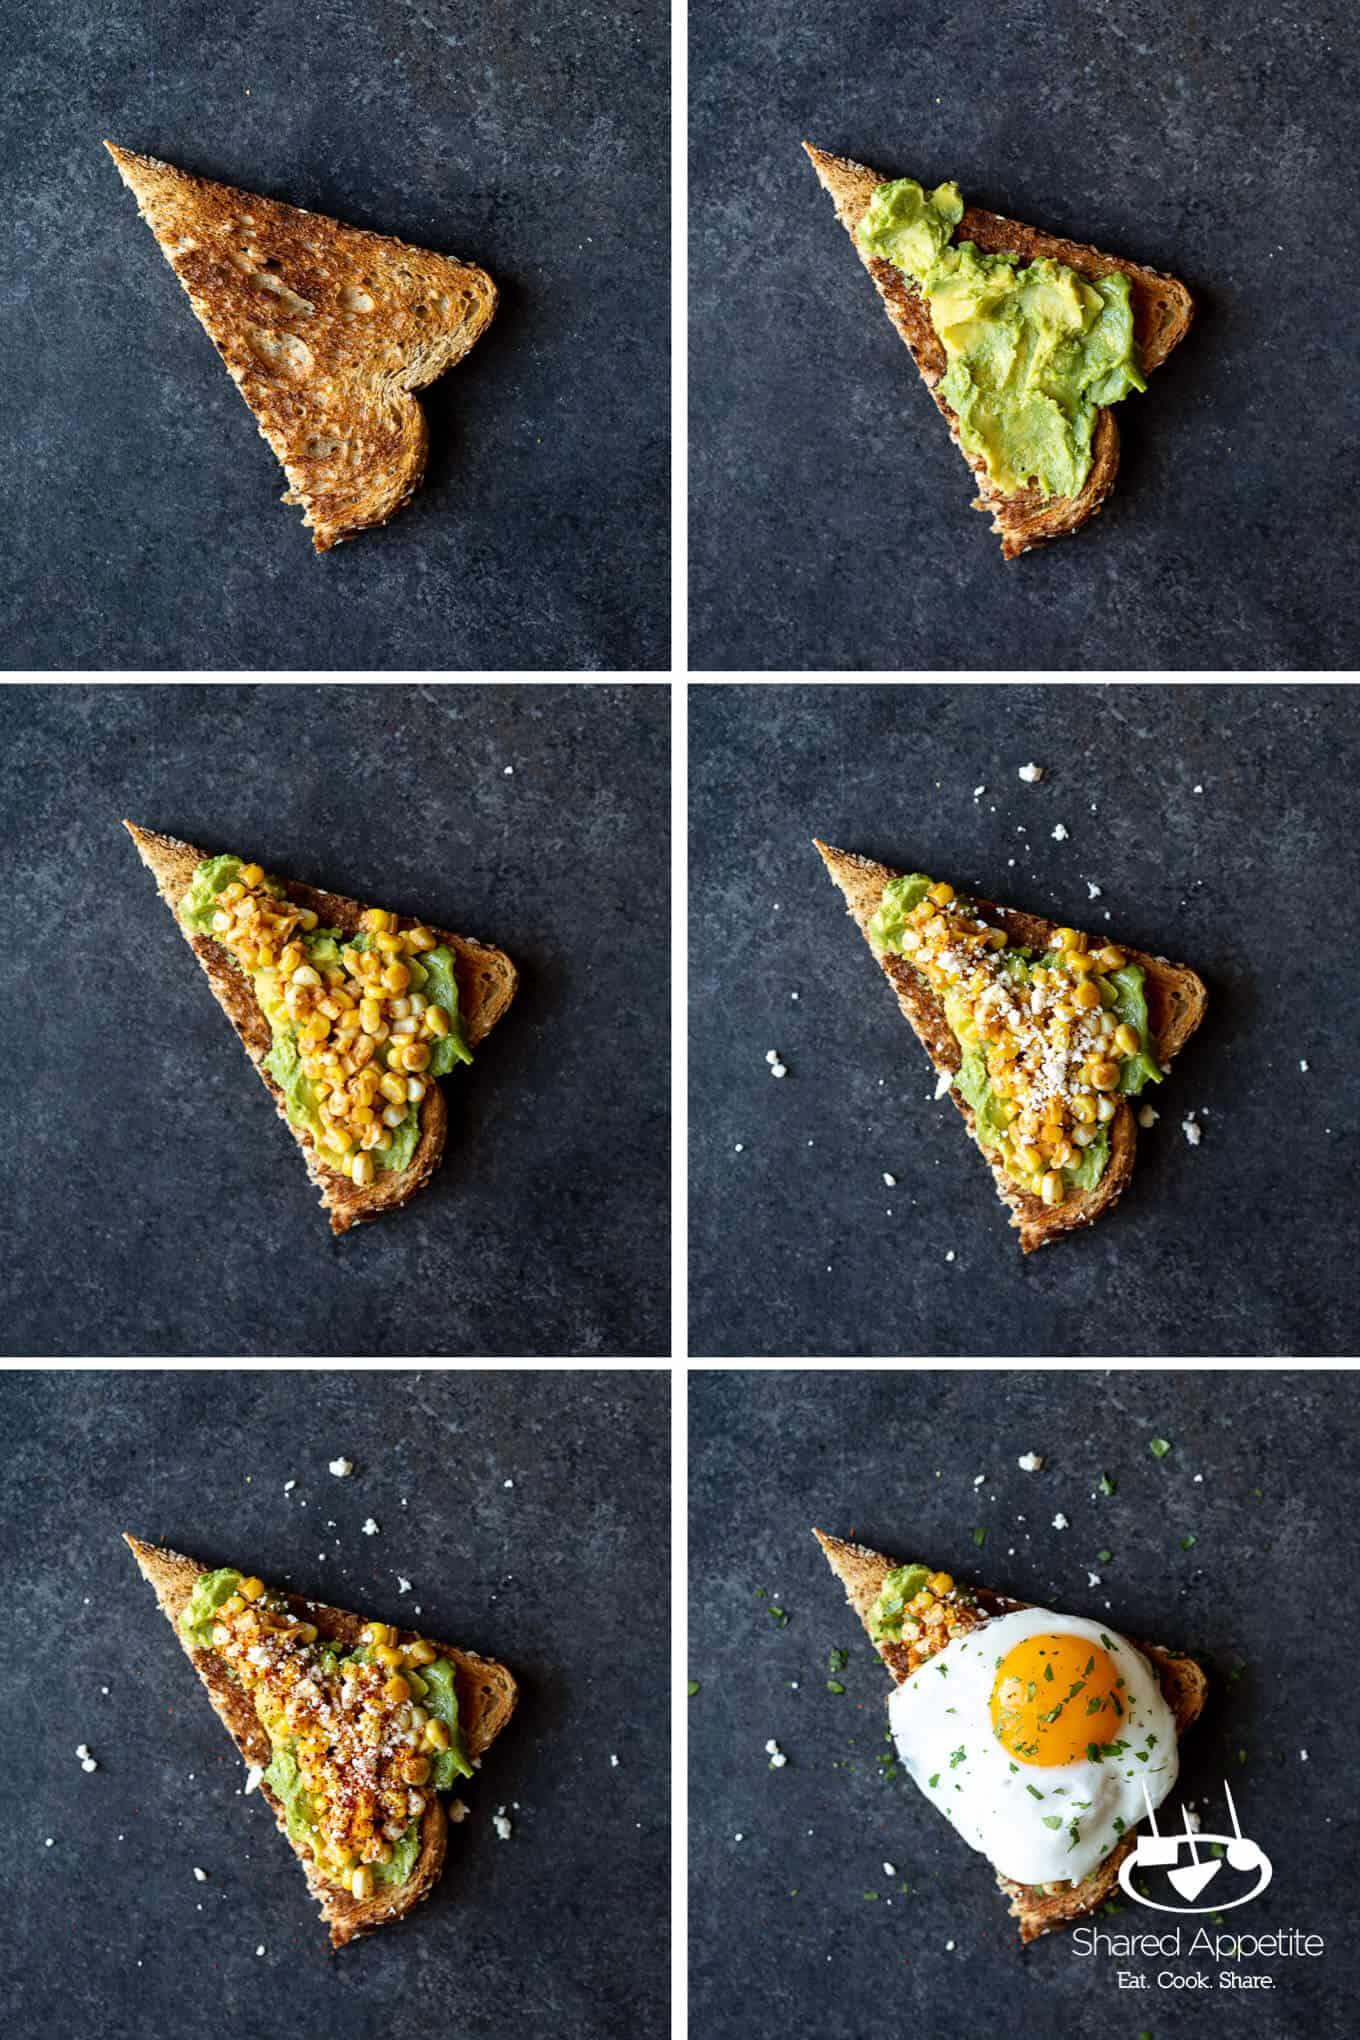 steps to making Elotes Avocado Toast with a Fried Egg   sharedappetite.com